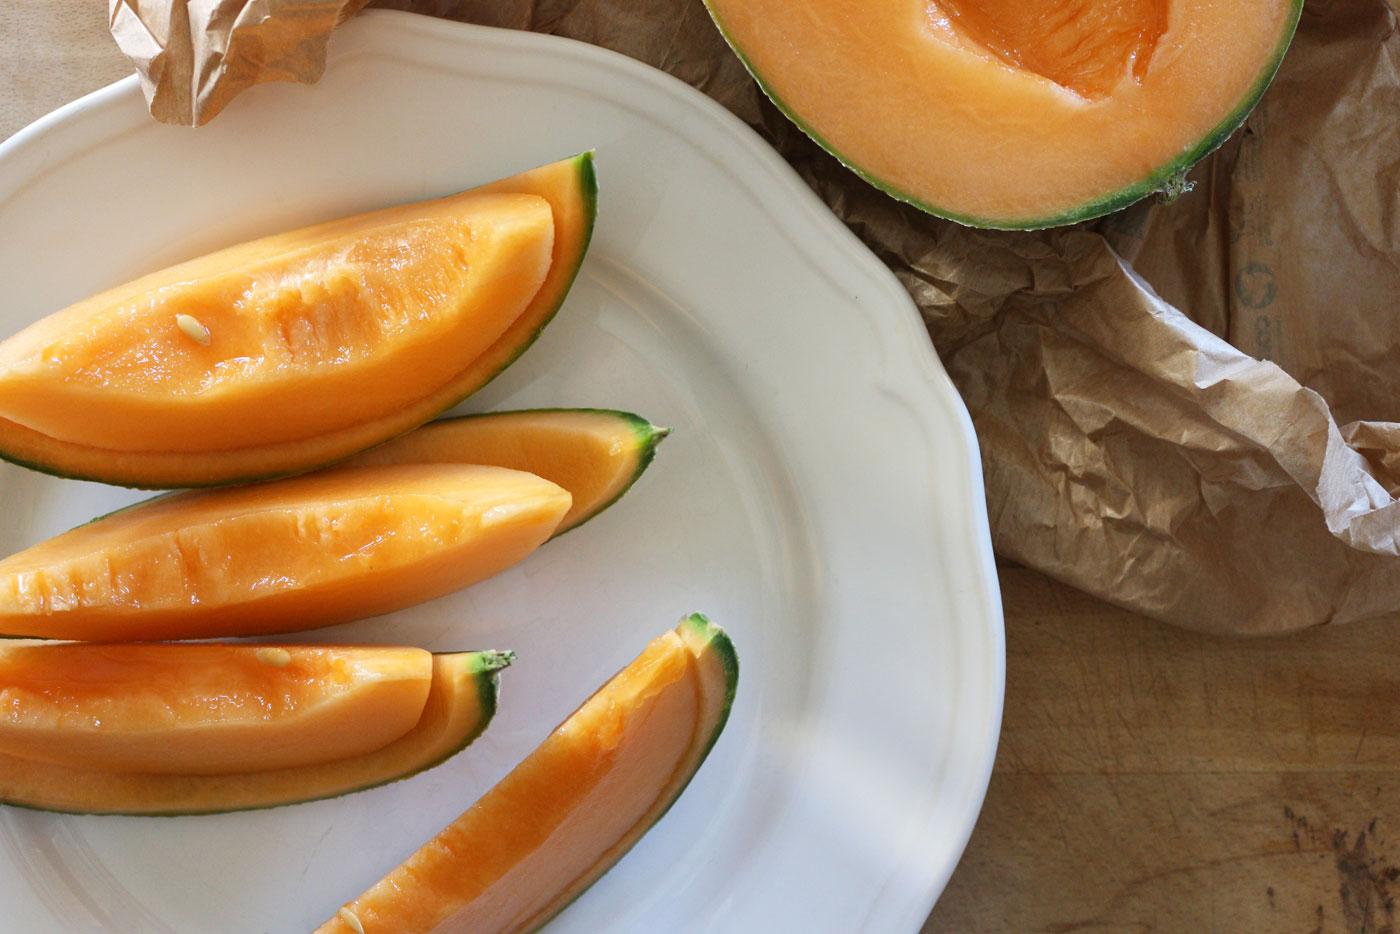 melone-come-si-mangia-1